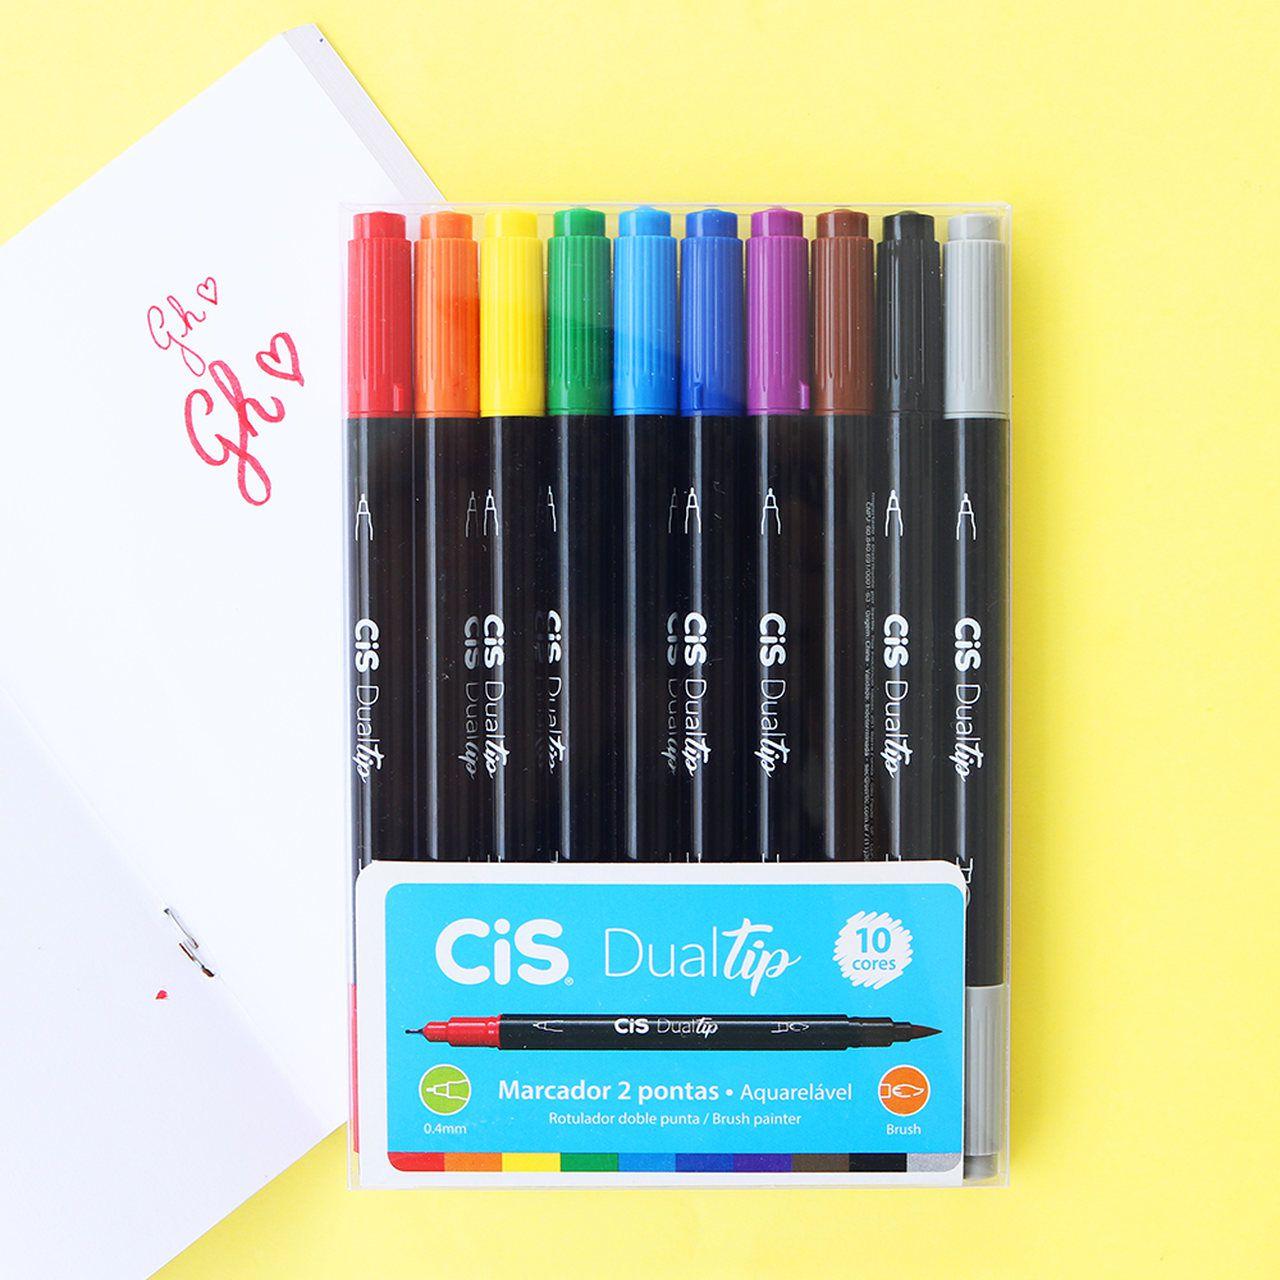 Estojo Canetas Cis Dualtip - Duas pontas: Fine & Brush Pen